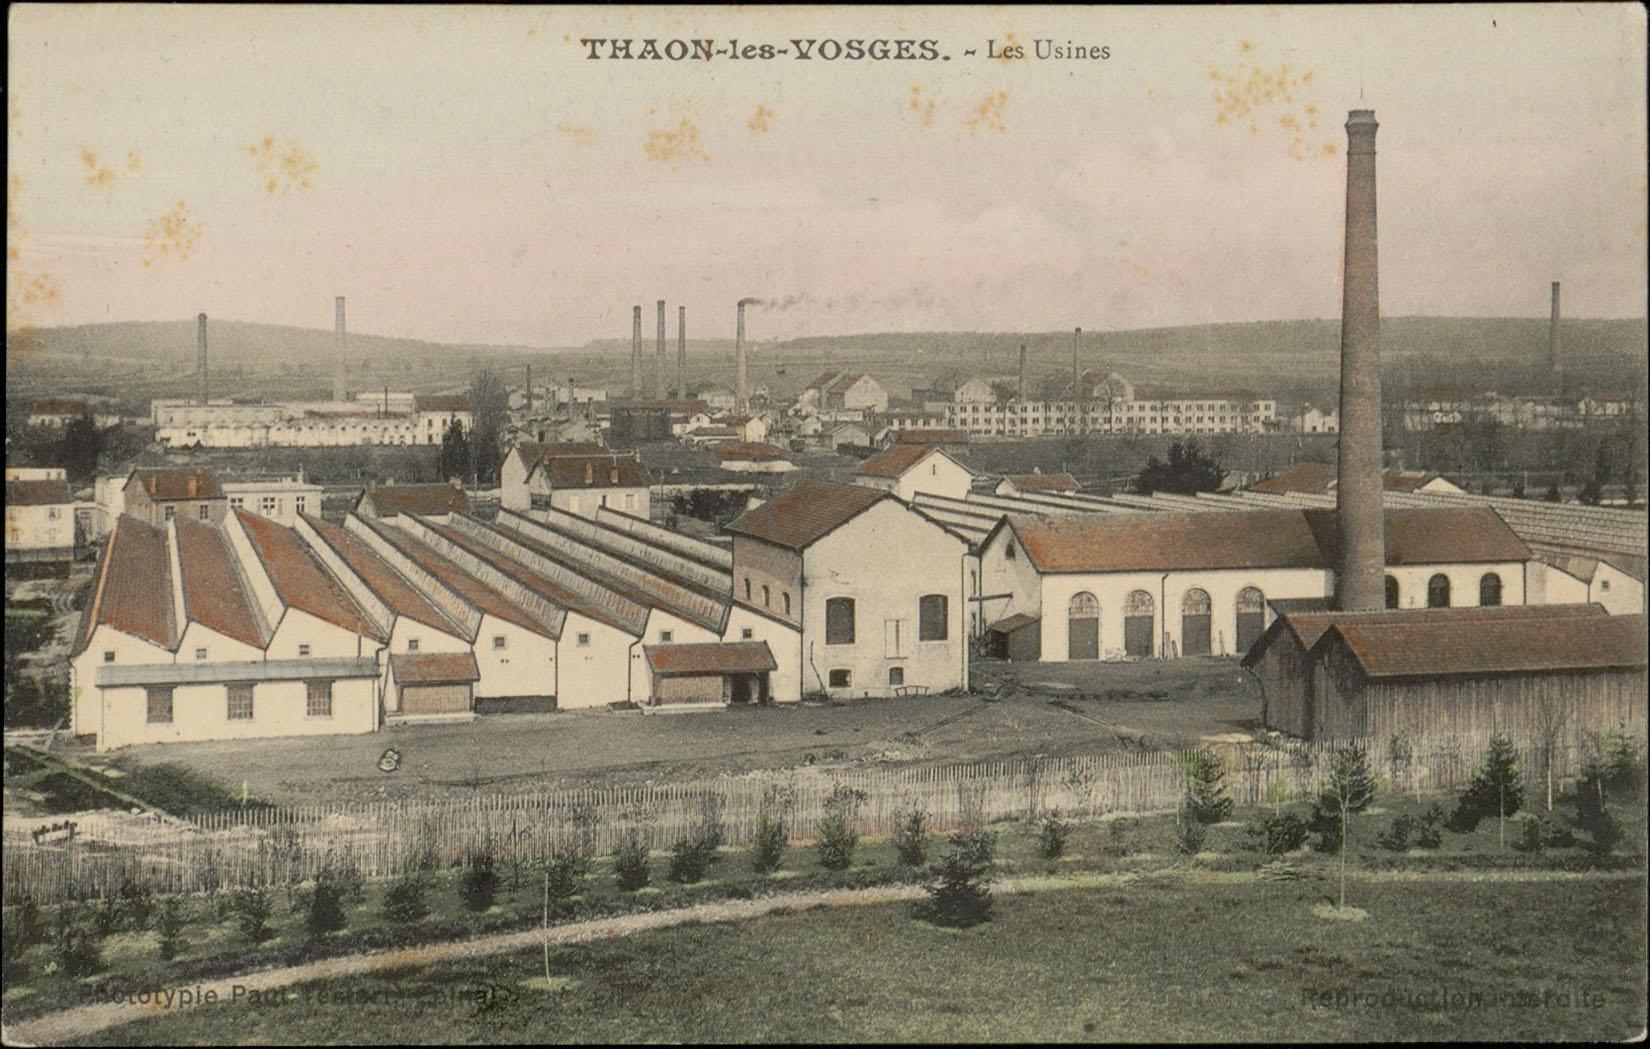 Contenu du Thaon-les-Vosges, Les Usines